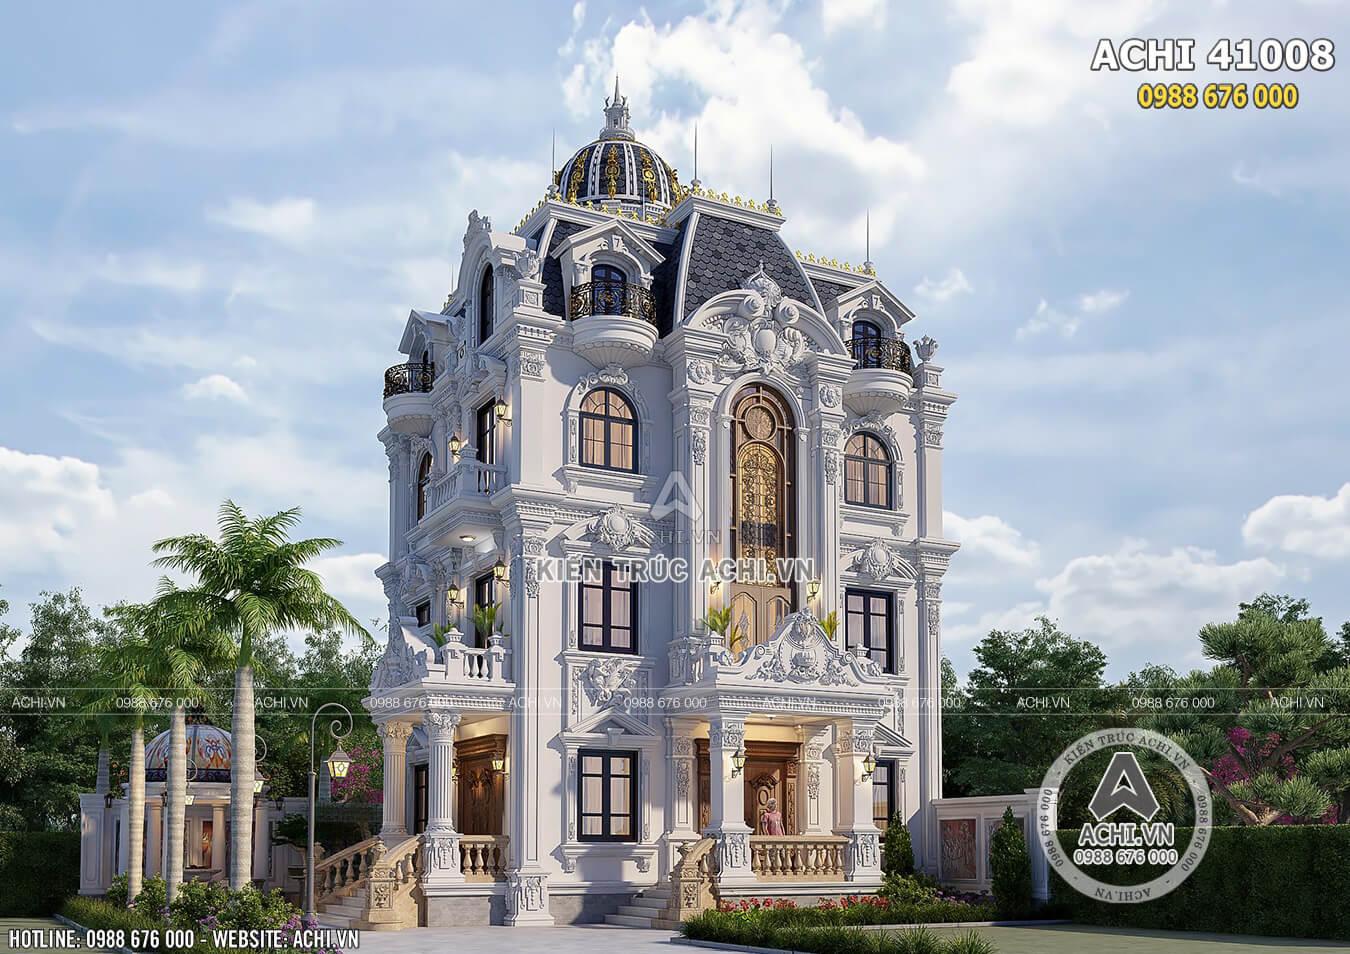 Mẫu biệt thự tân cổ điển 4 tầng 100m2 đẹp tại Quảng Ninh - ACHI 41008